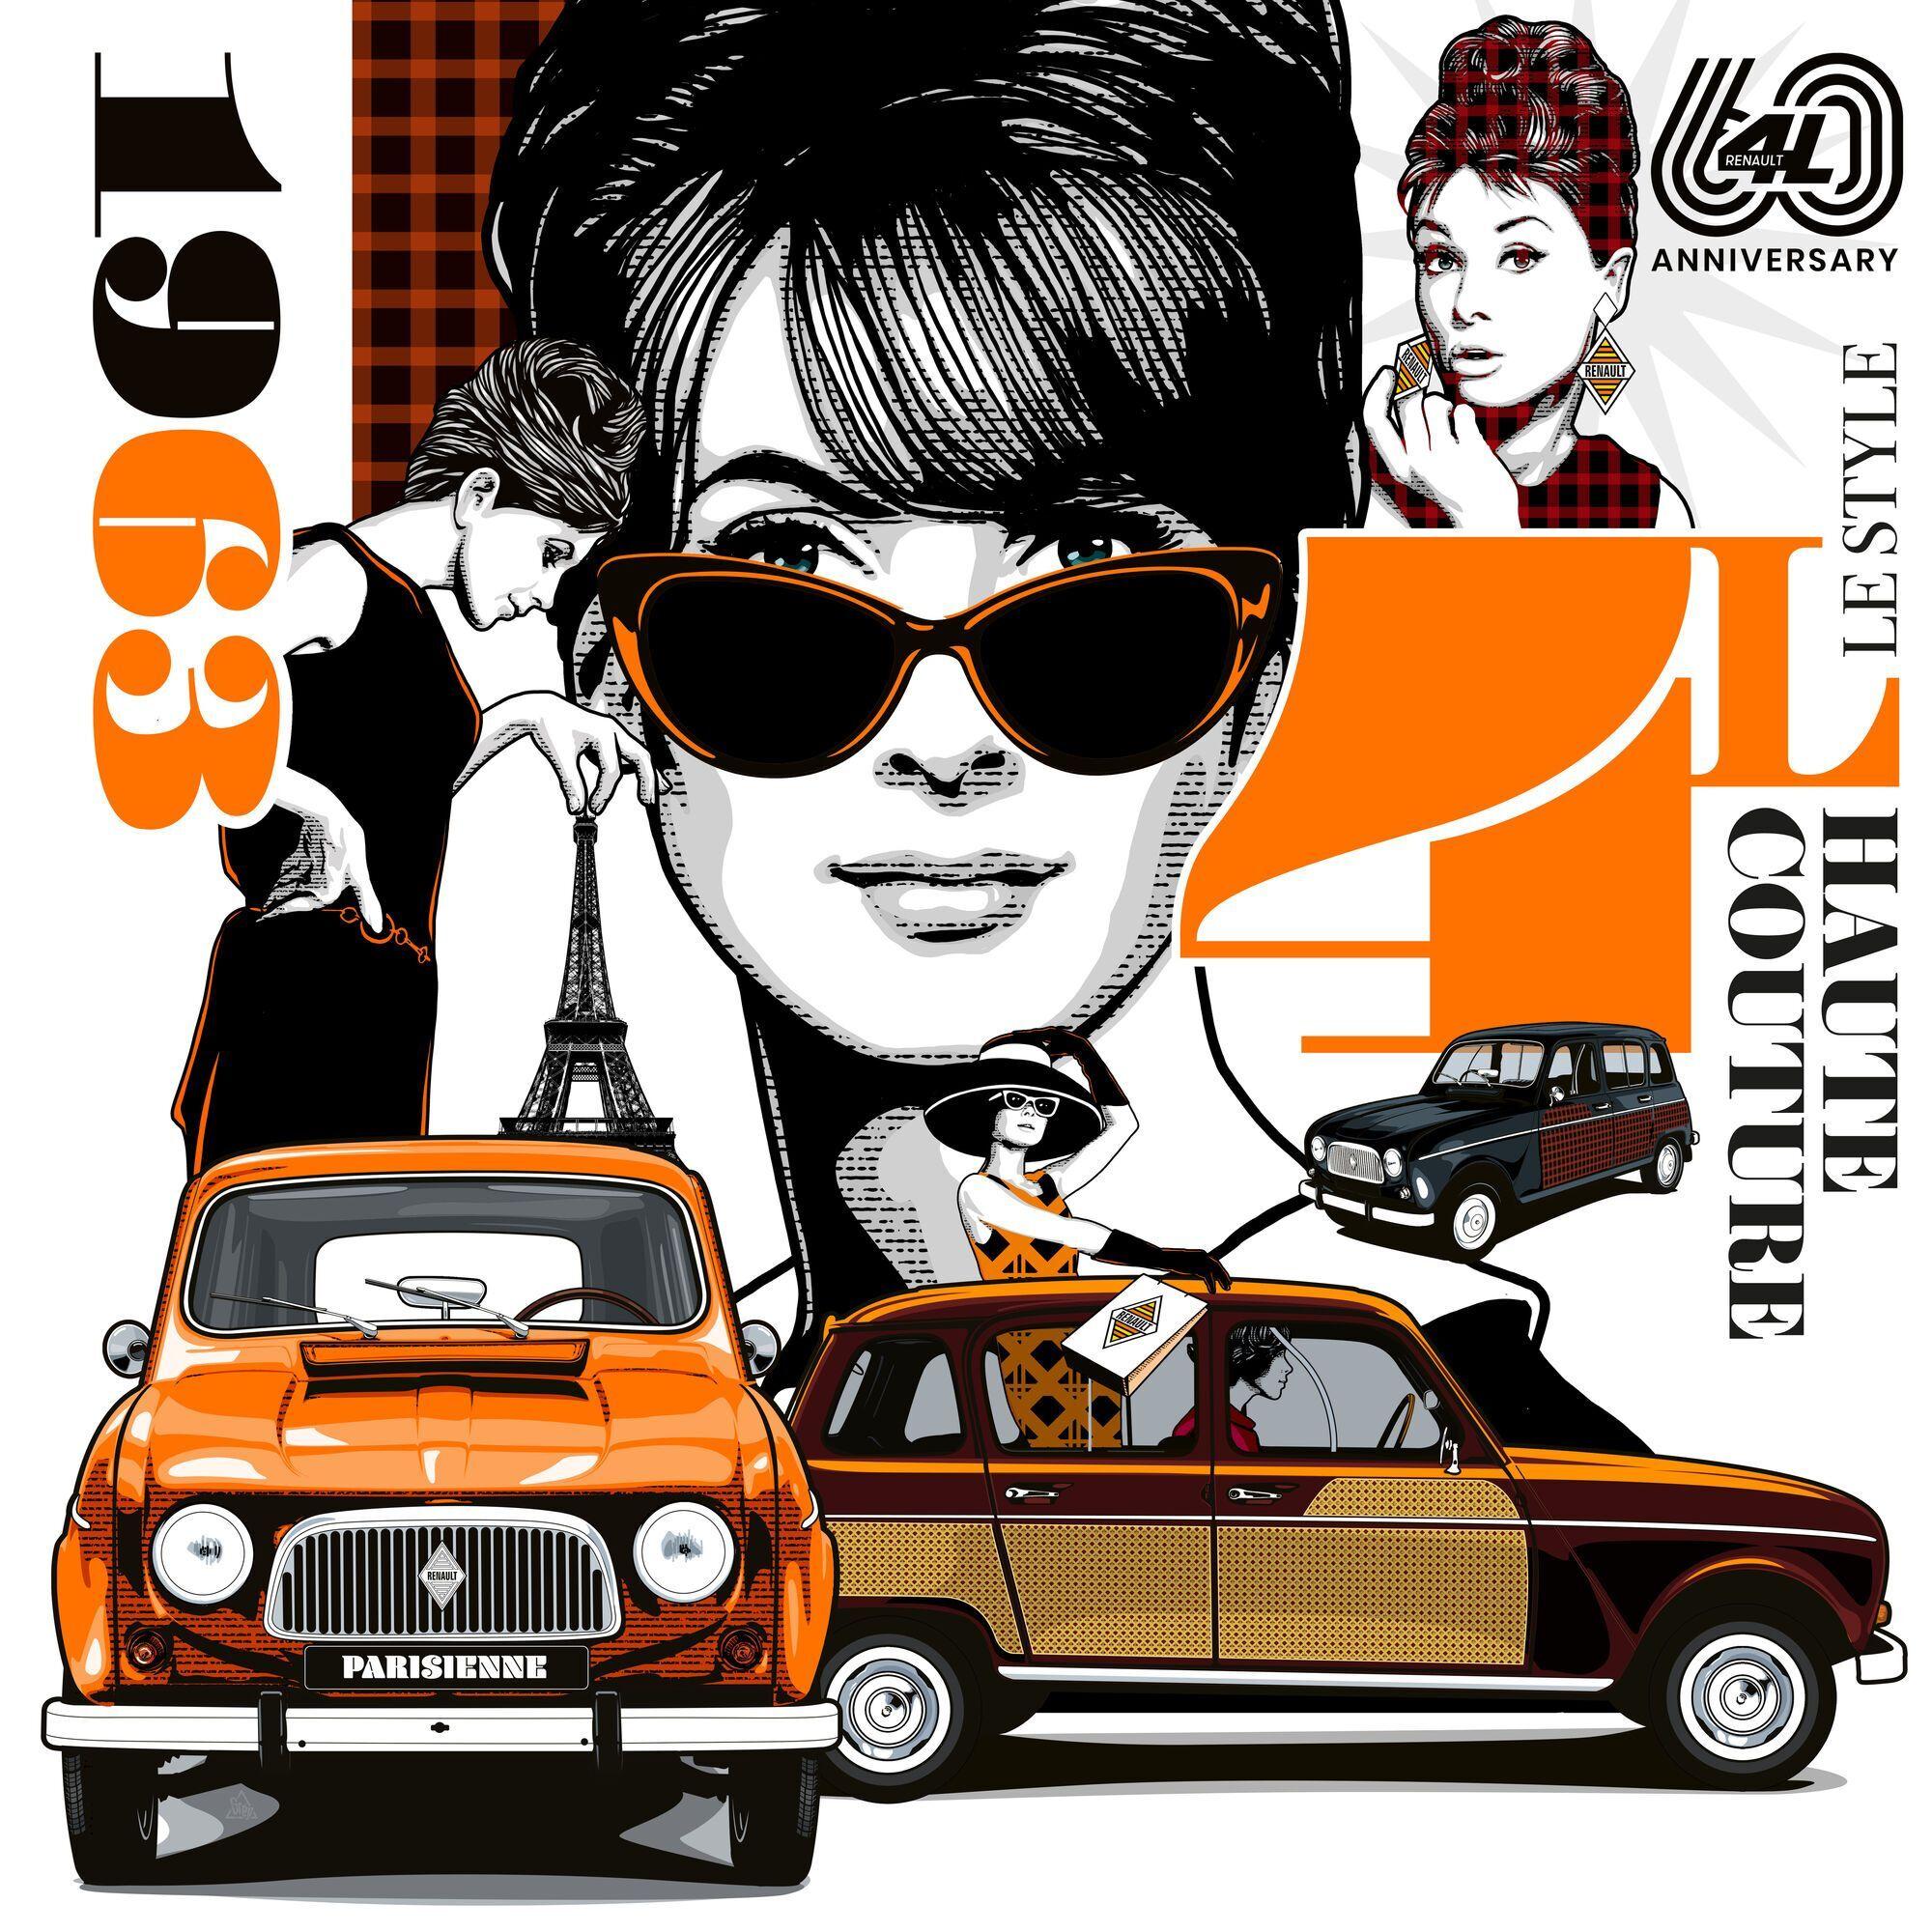 На февраль намечена онлайн-встреча с дизайнером Грегом, который создал более десятка эксклюзивных иллюстраций с Renault 4L